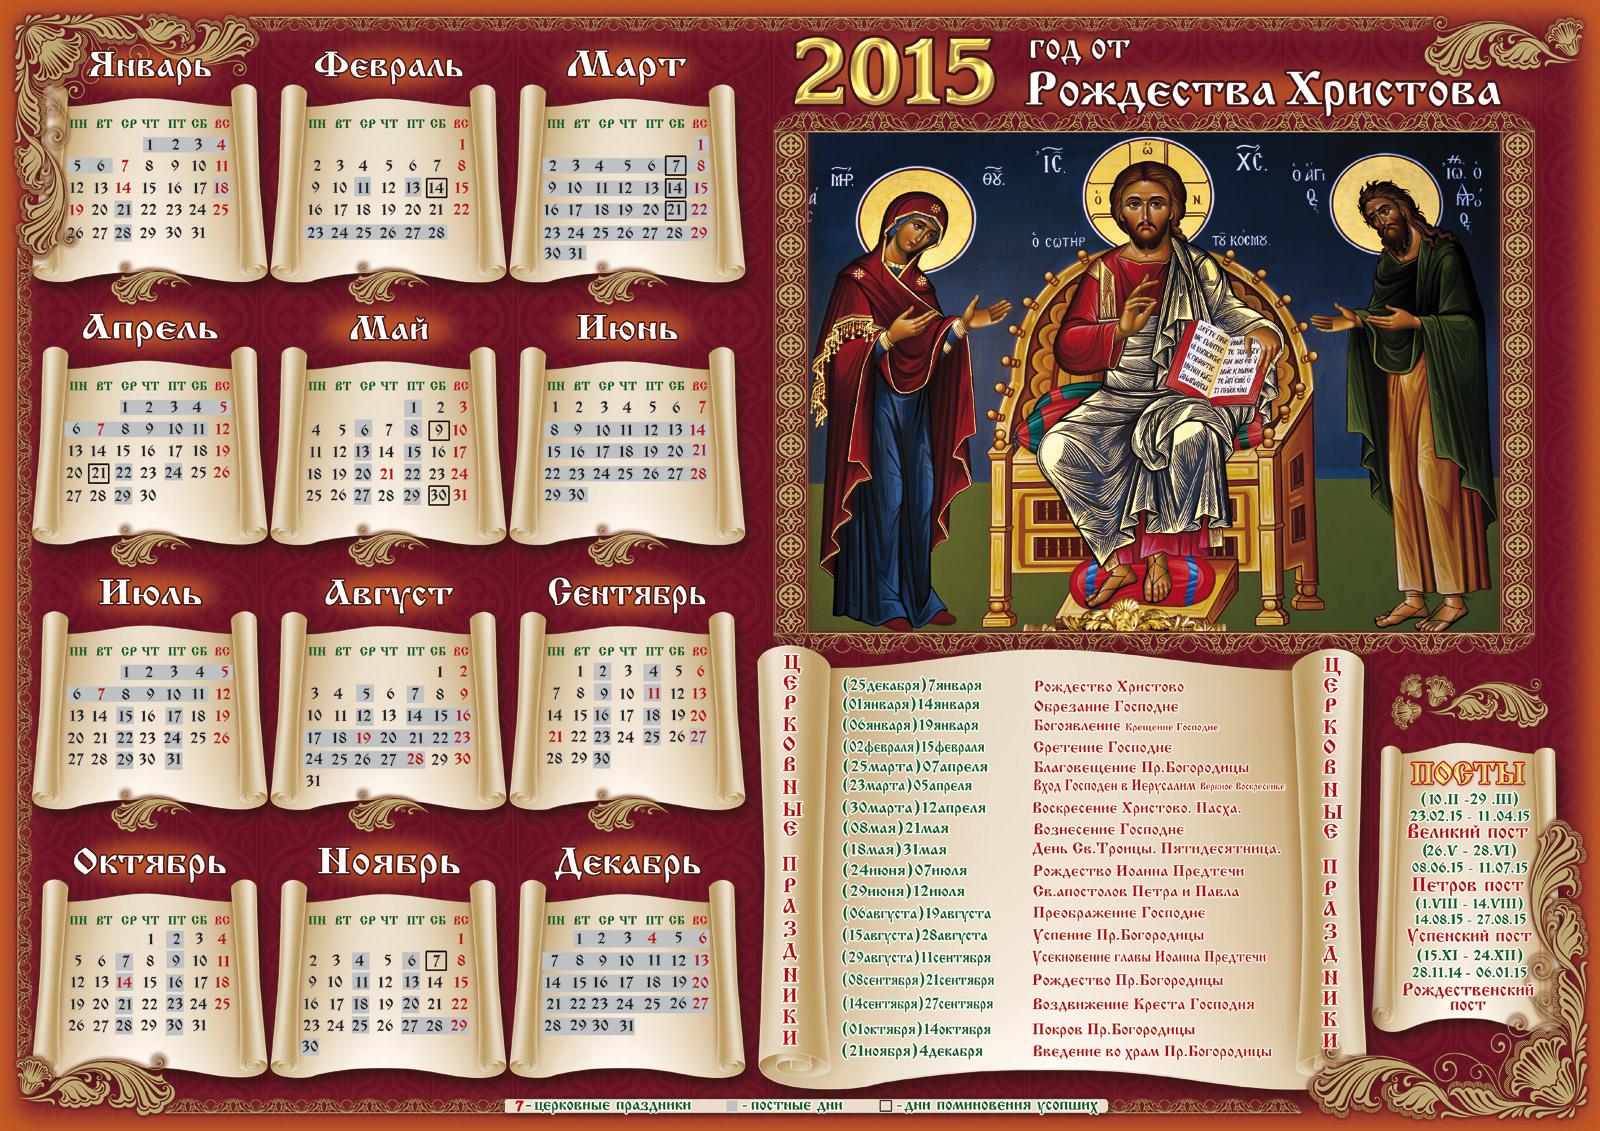 Церковный календарь на 2015 год скачать